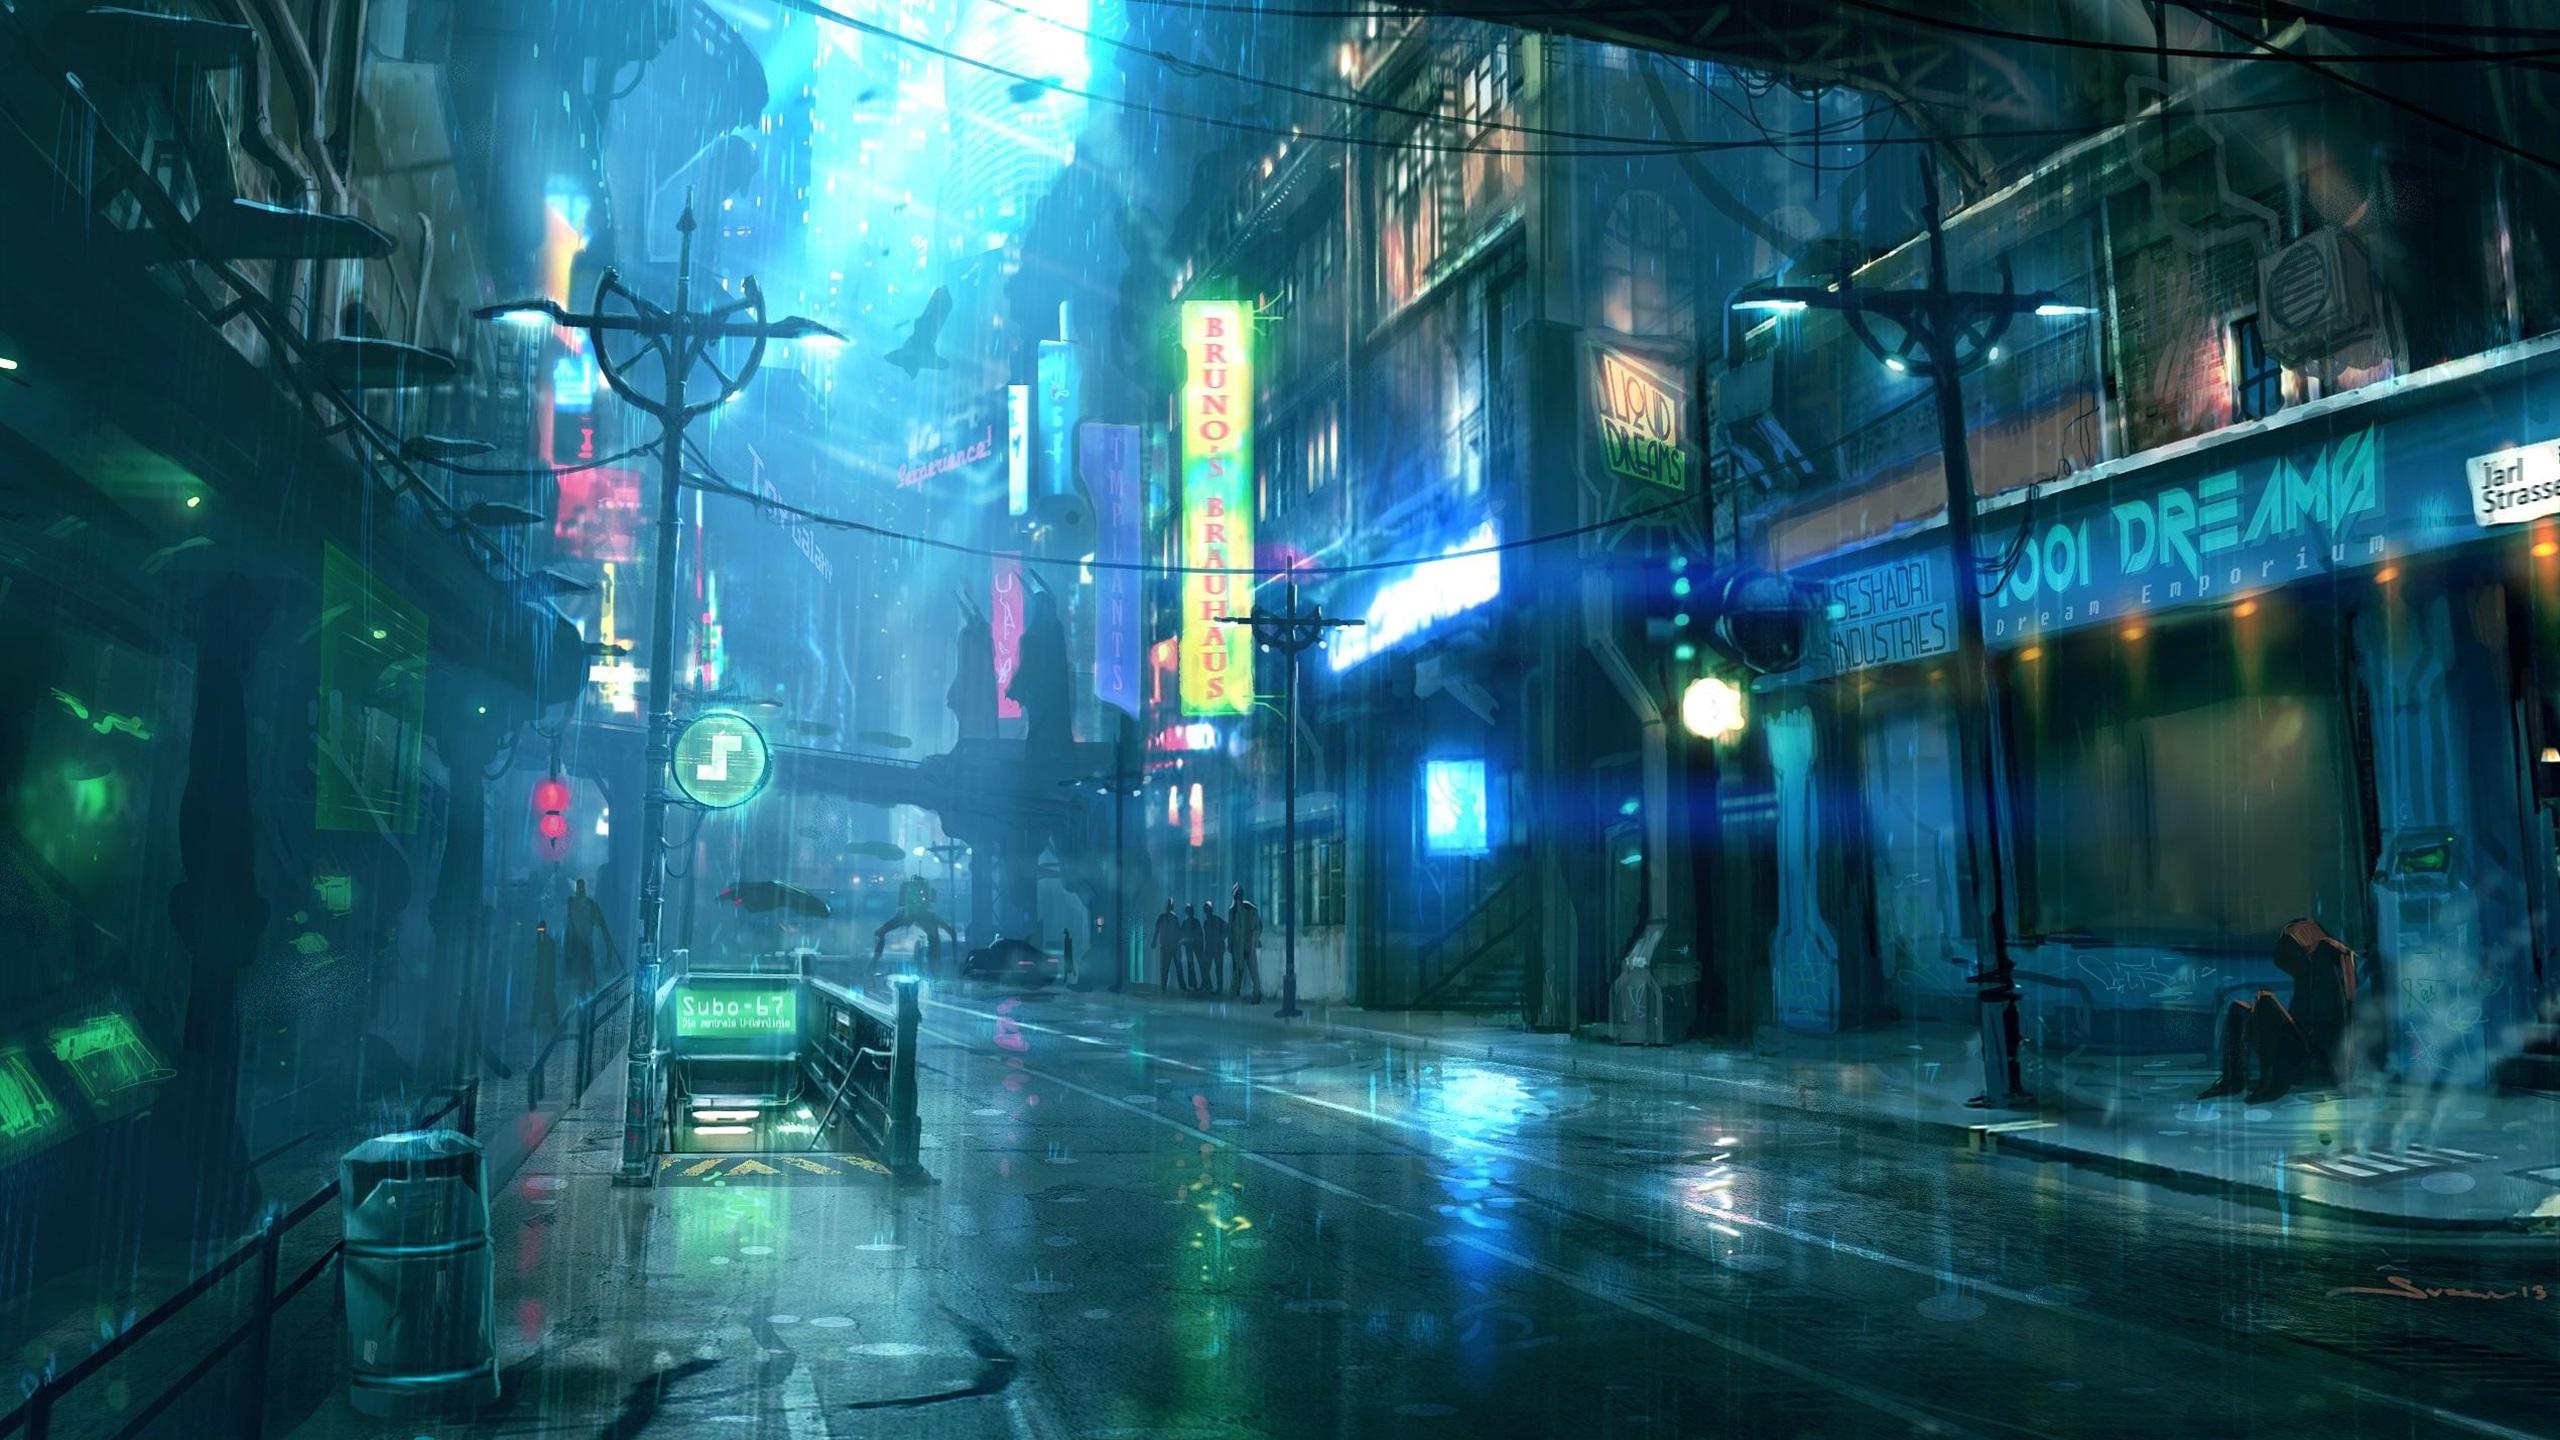 壁紙 雨の夜の街 通り 建物 アートデザイン 2560x1440 Qhd 無料のデスクトップの背景 画像